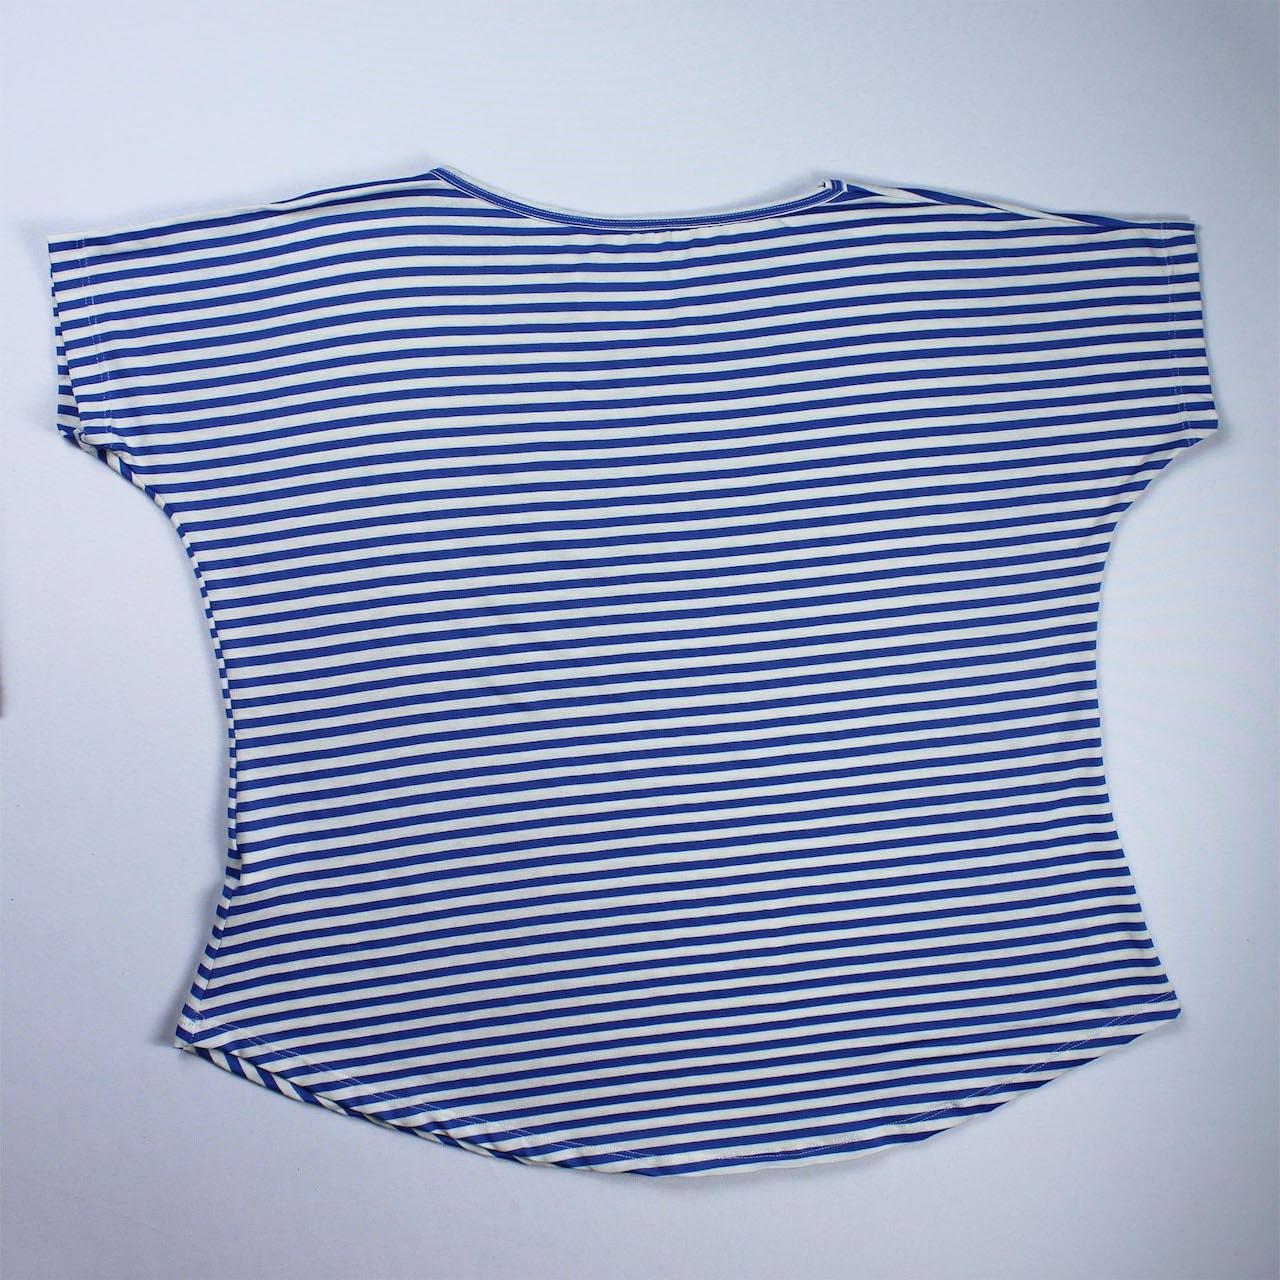 Blusa Viscolycra Feminina - Listrado Branco e Azul